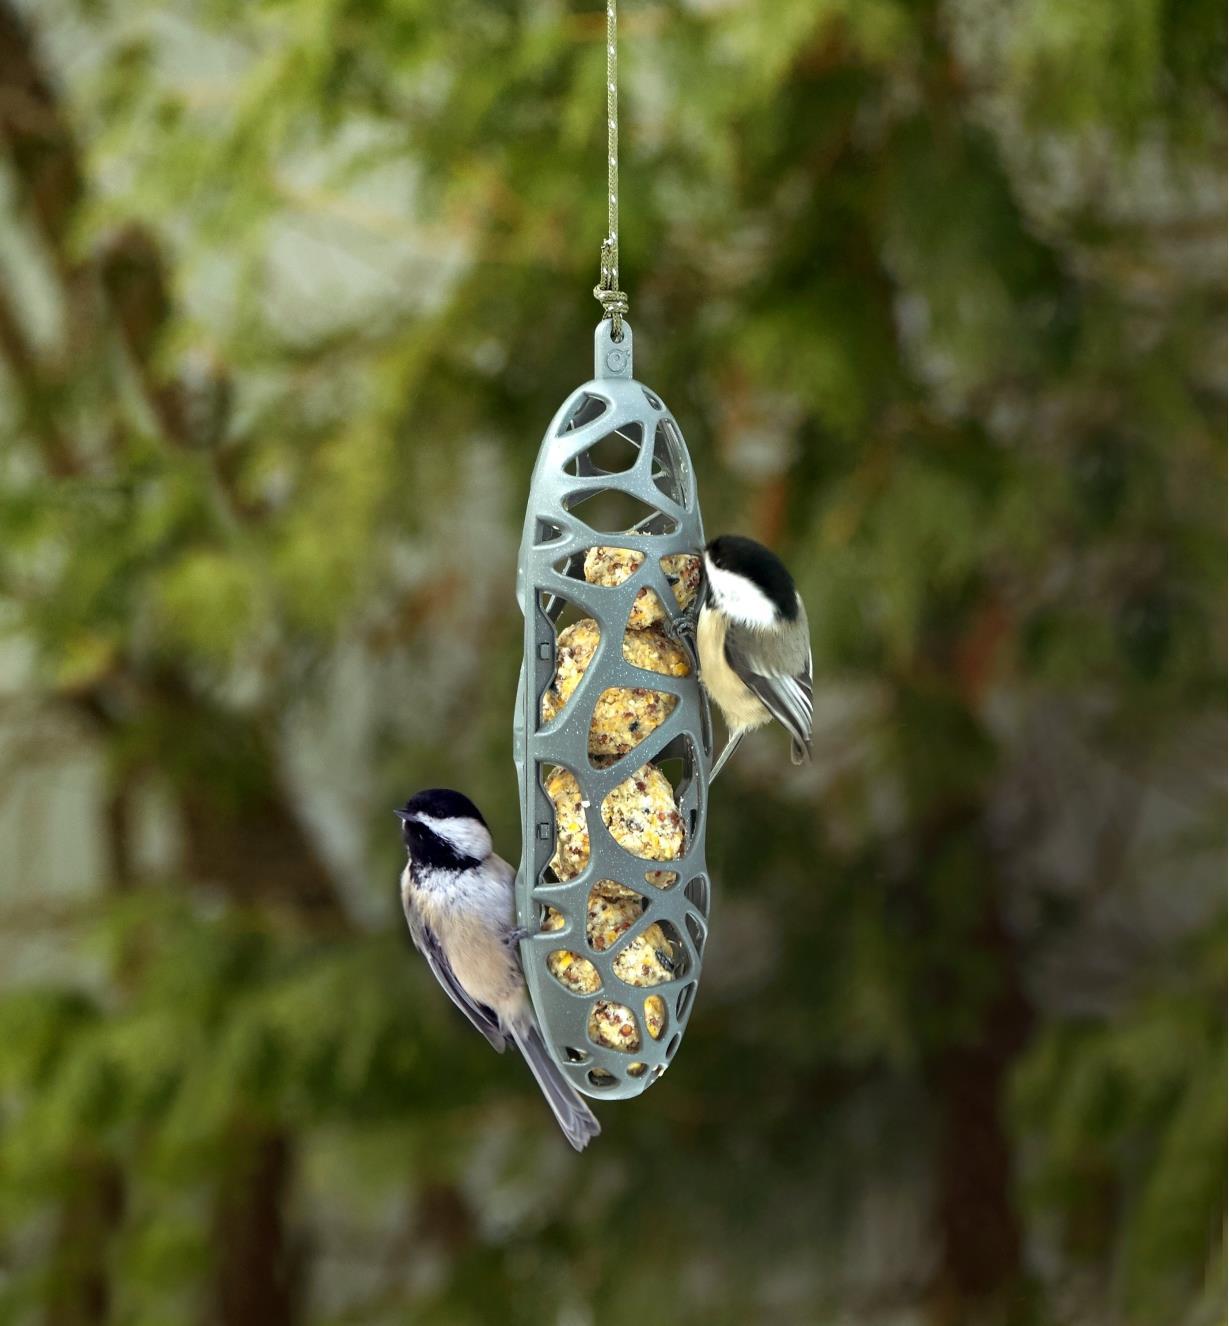 Deux mésanges se nourrissant grâce à une mangeoire à suif pour oiseaux suspendue dans une cour